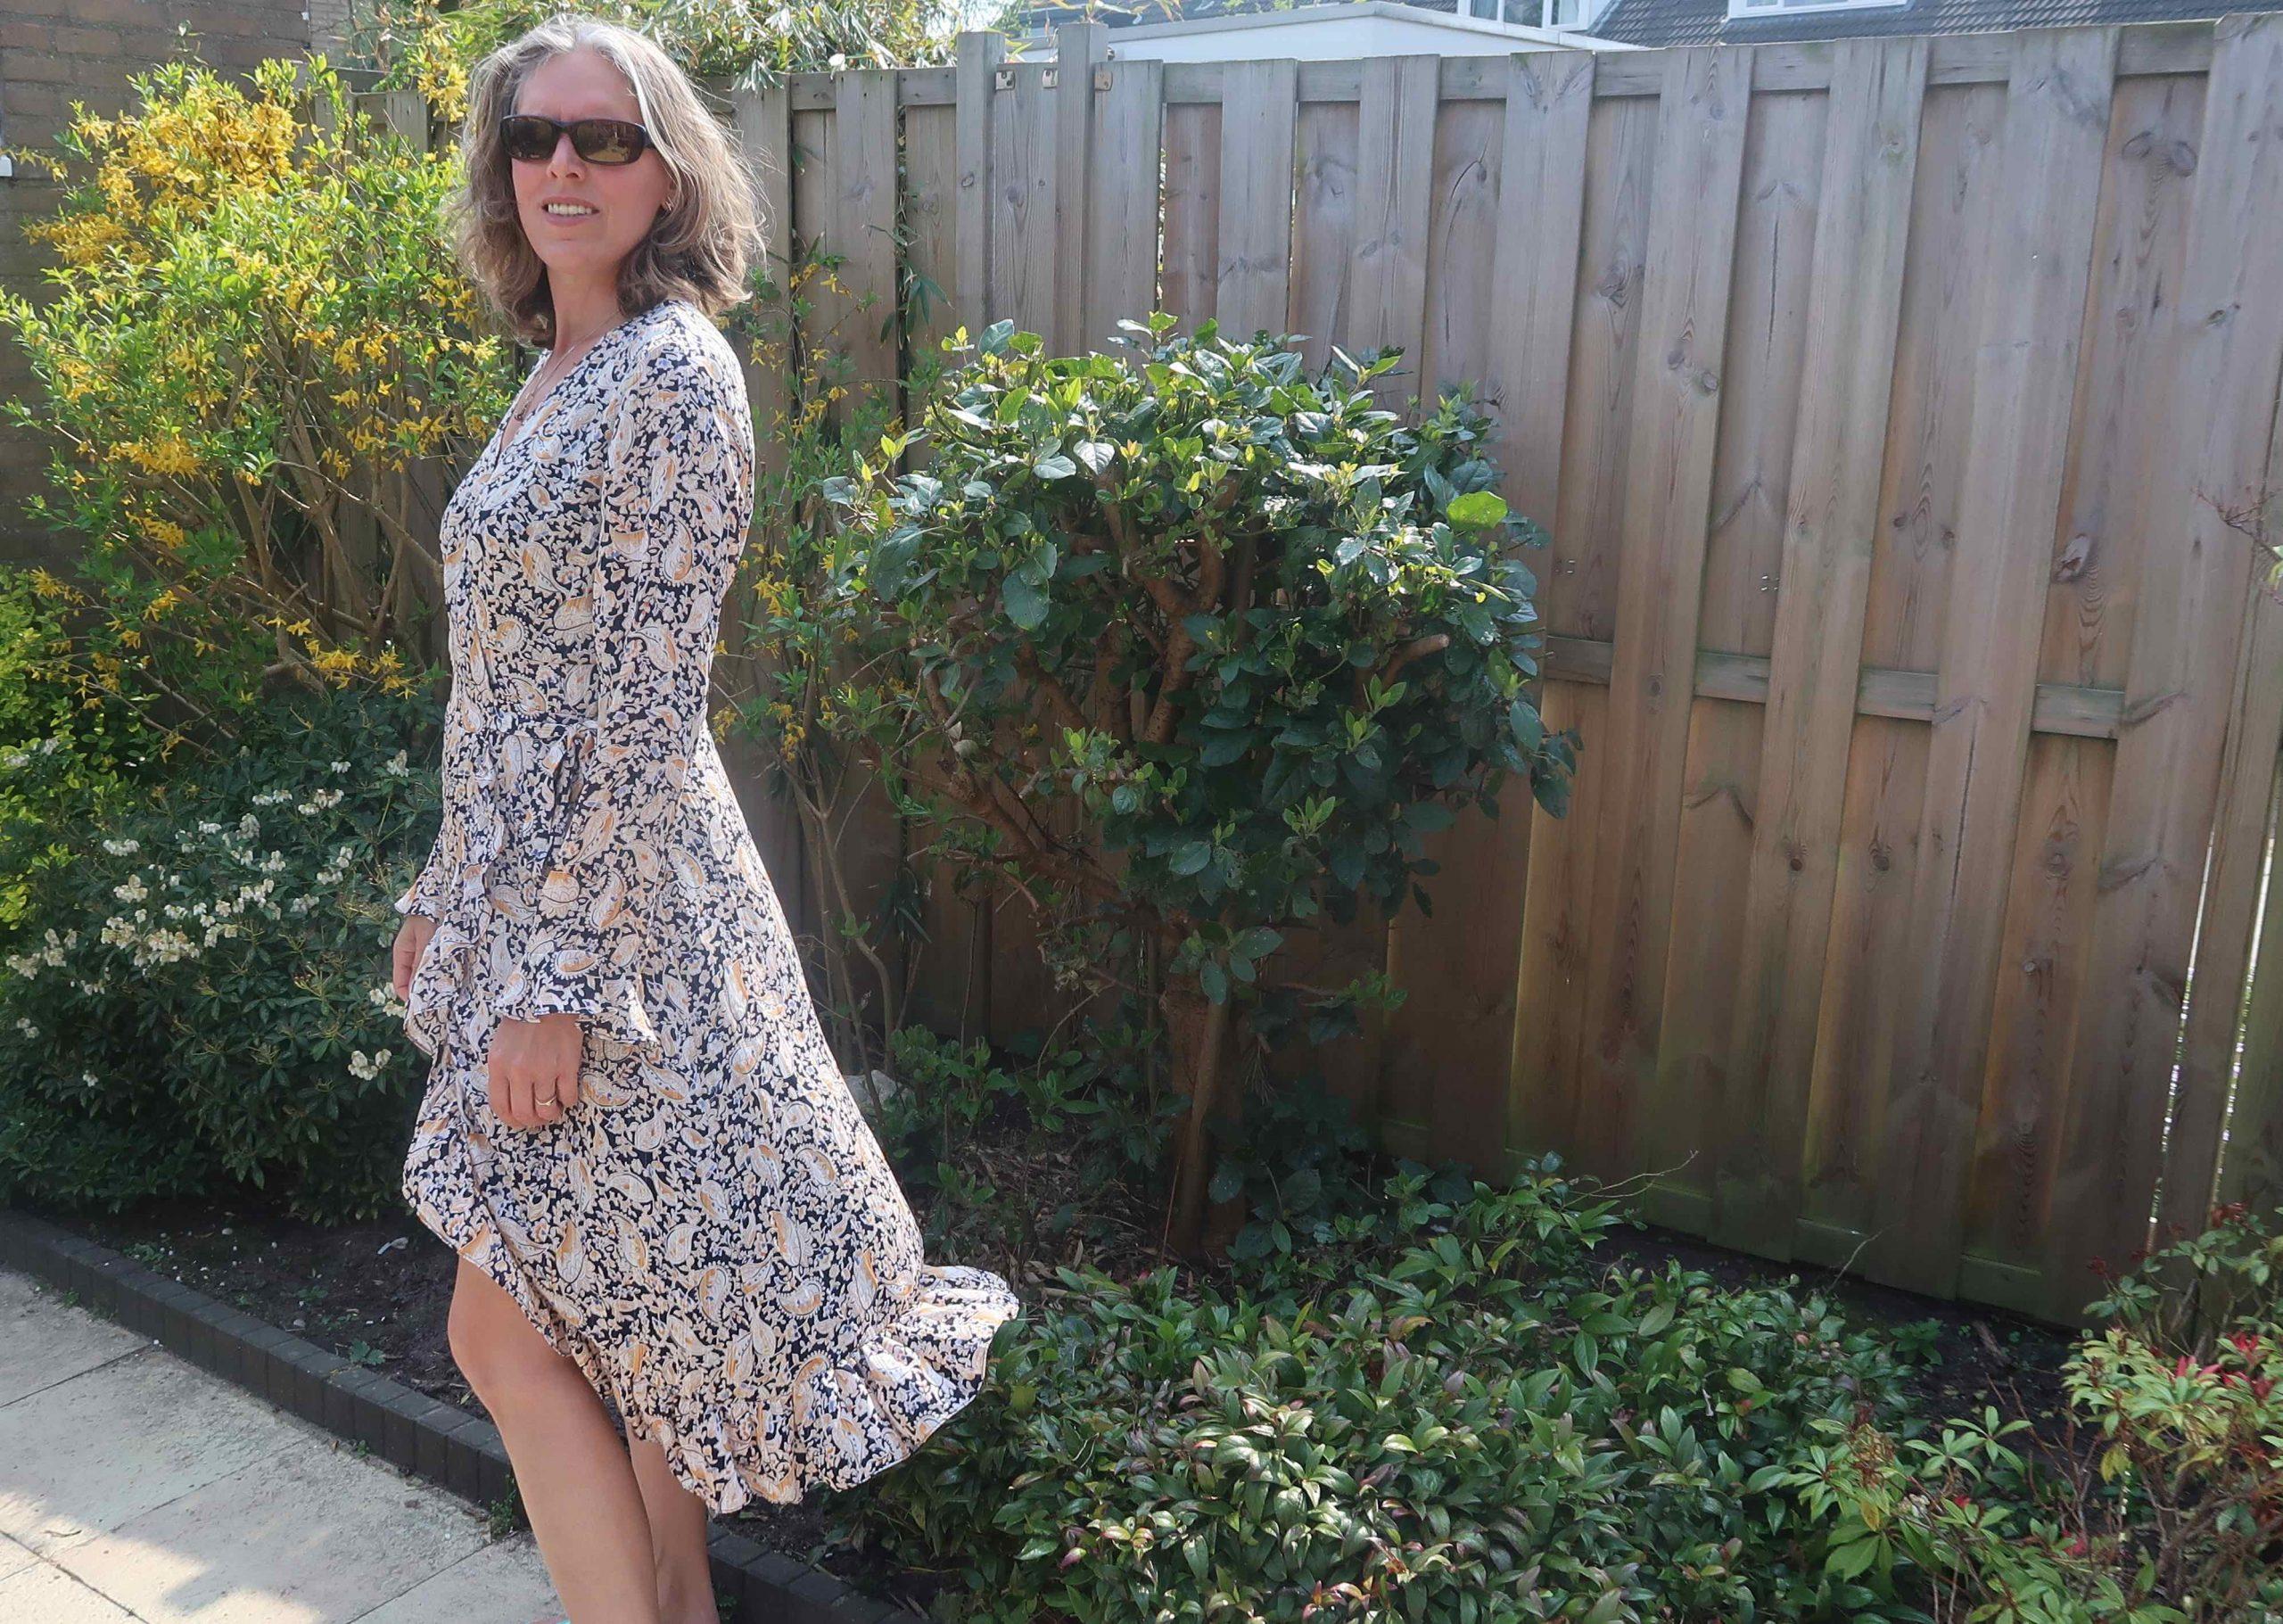 De leukste jurken en shirts koop je nu online